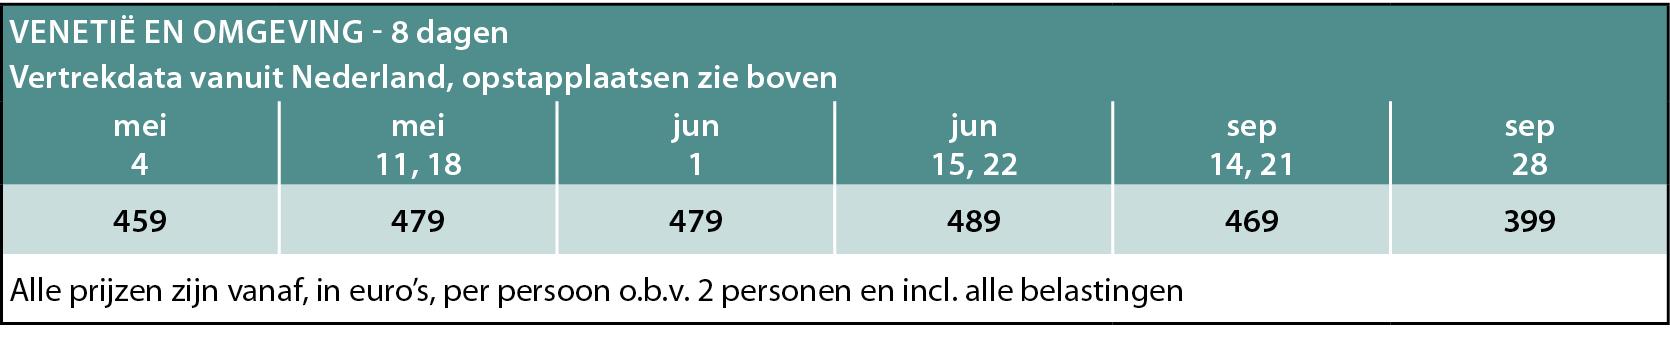 Prices-Venetie-eo-2019